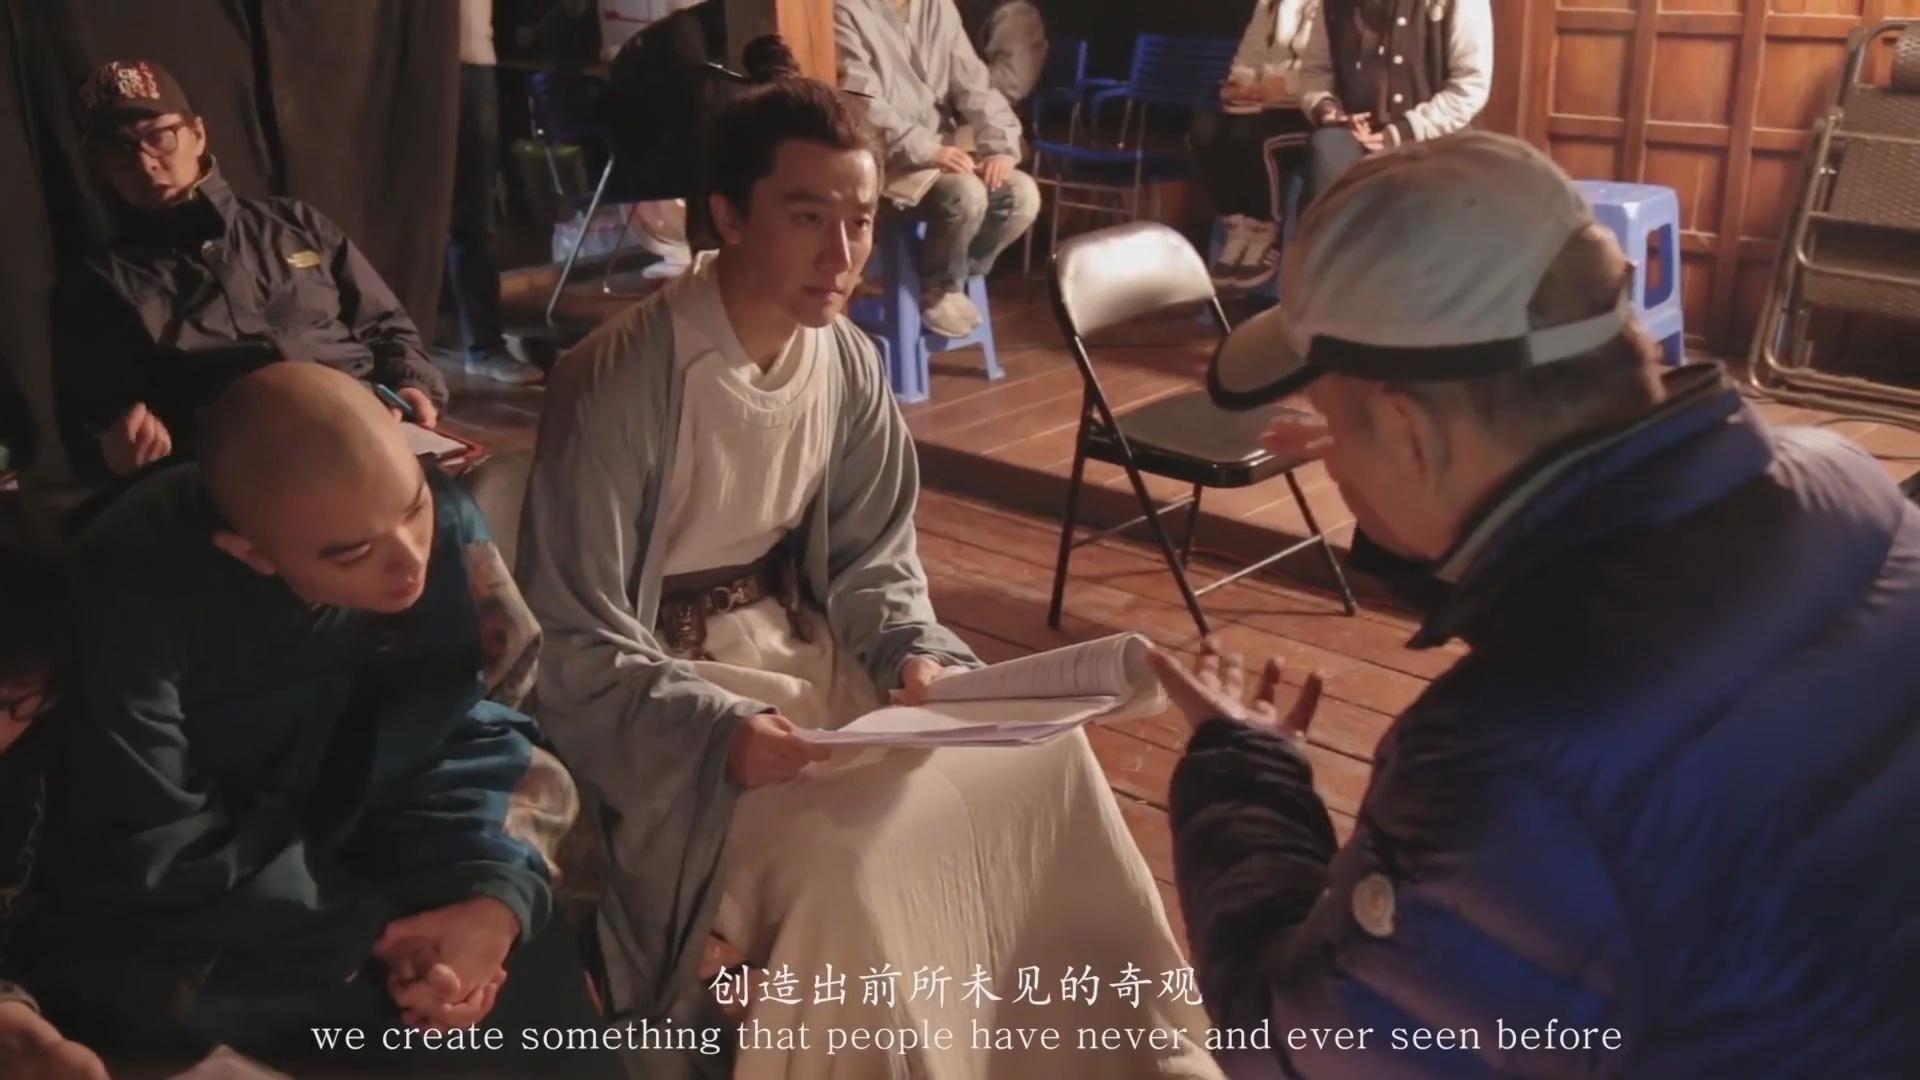 陈凯歌导演,魔幻史诗钜片《妖猫传》精彩幕后拍摄特辑